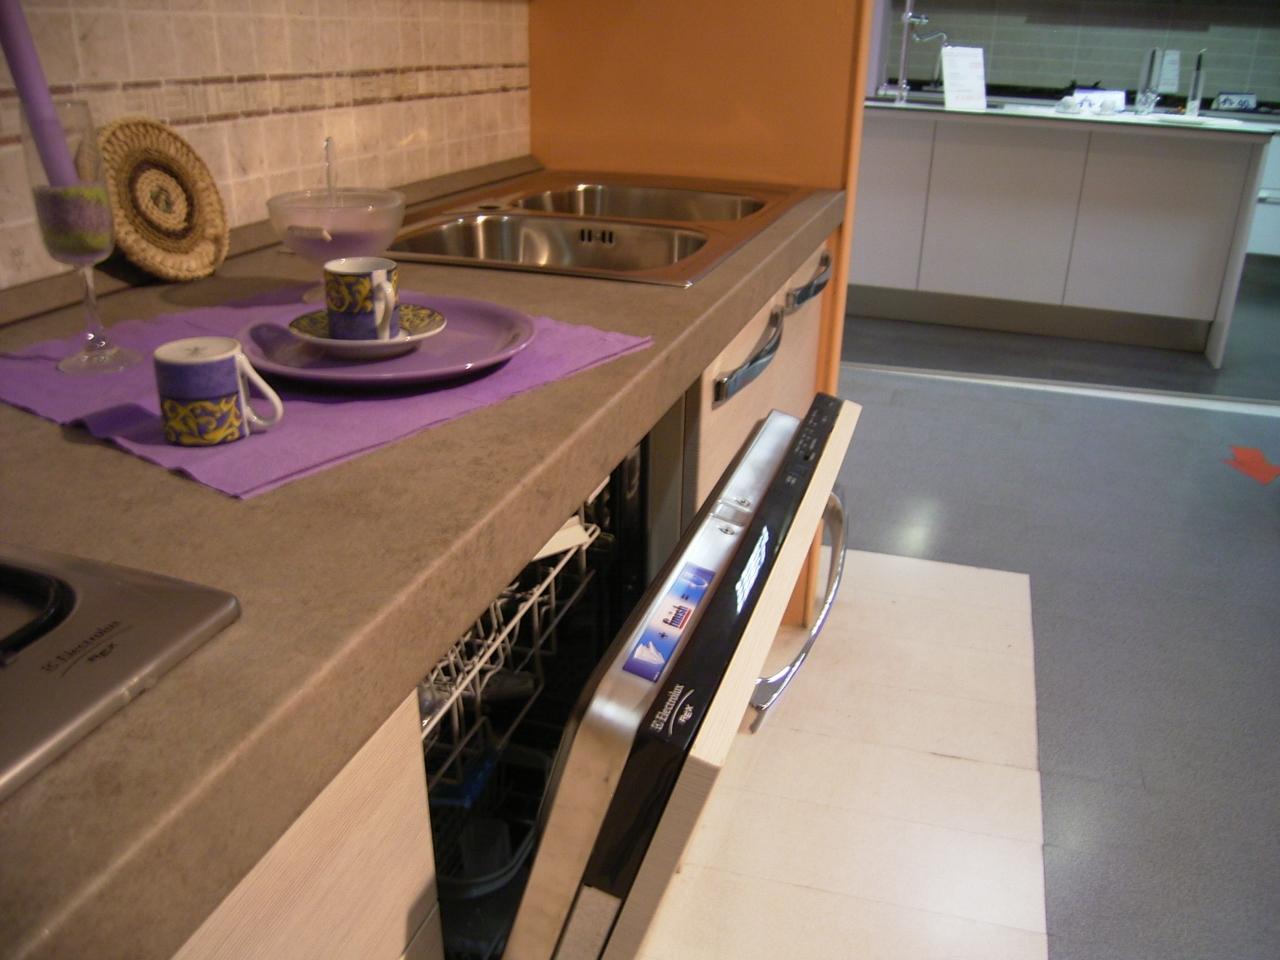 Cucina mobilturi scontata cucine a prezzi scontati - Mobilturi cucine prezzi ...